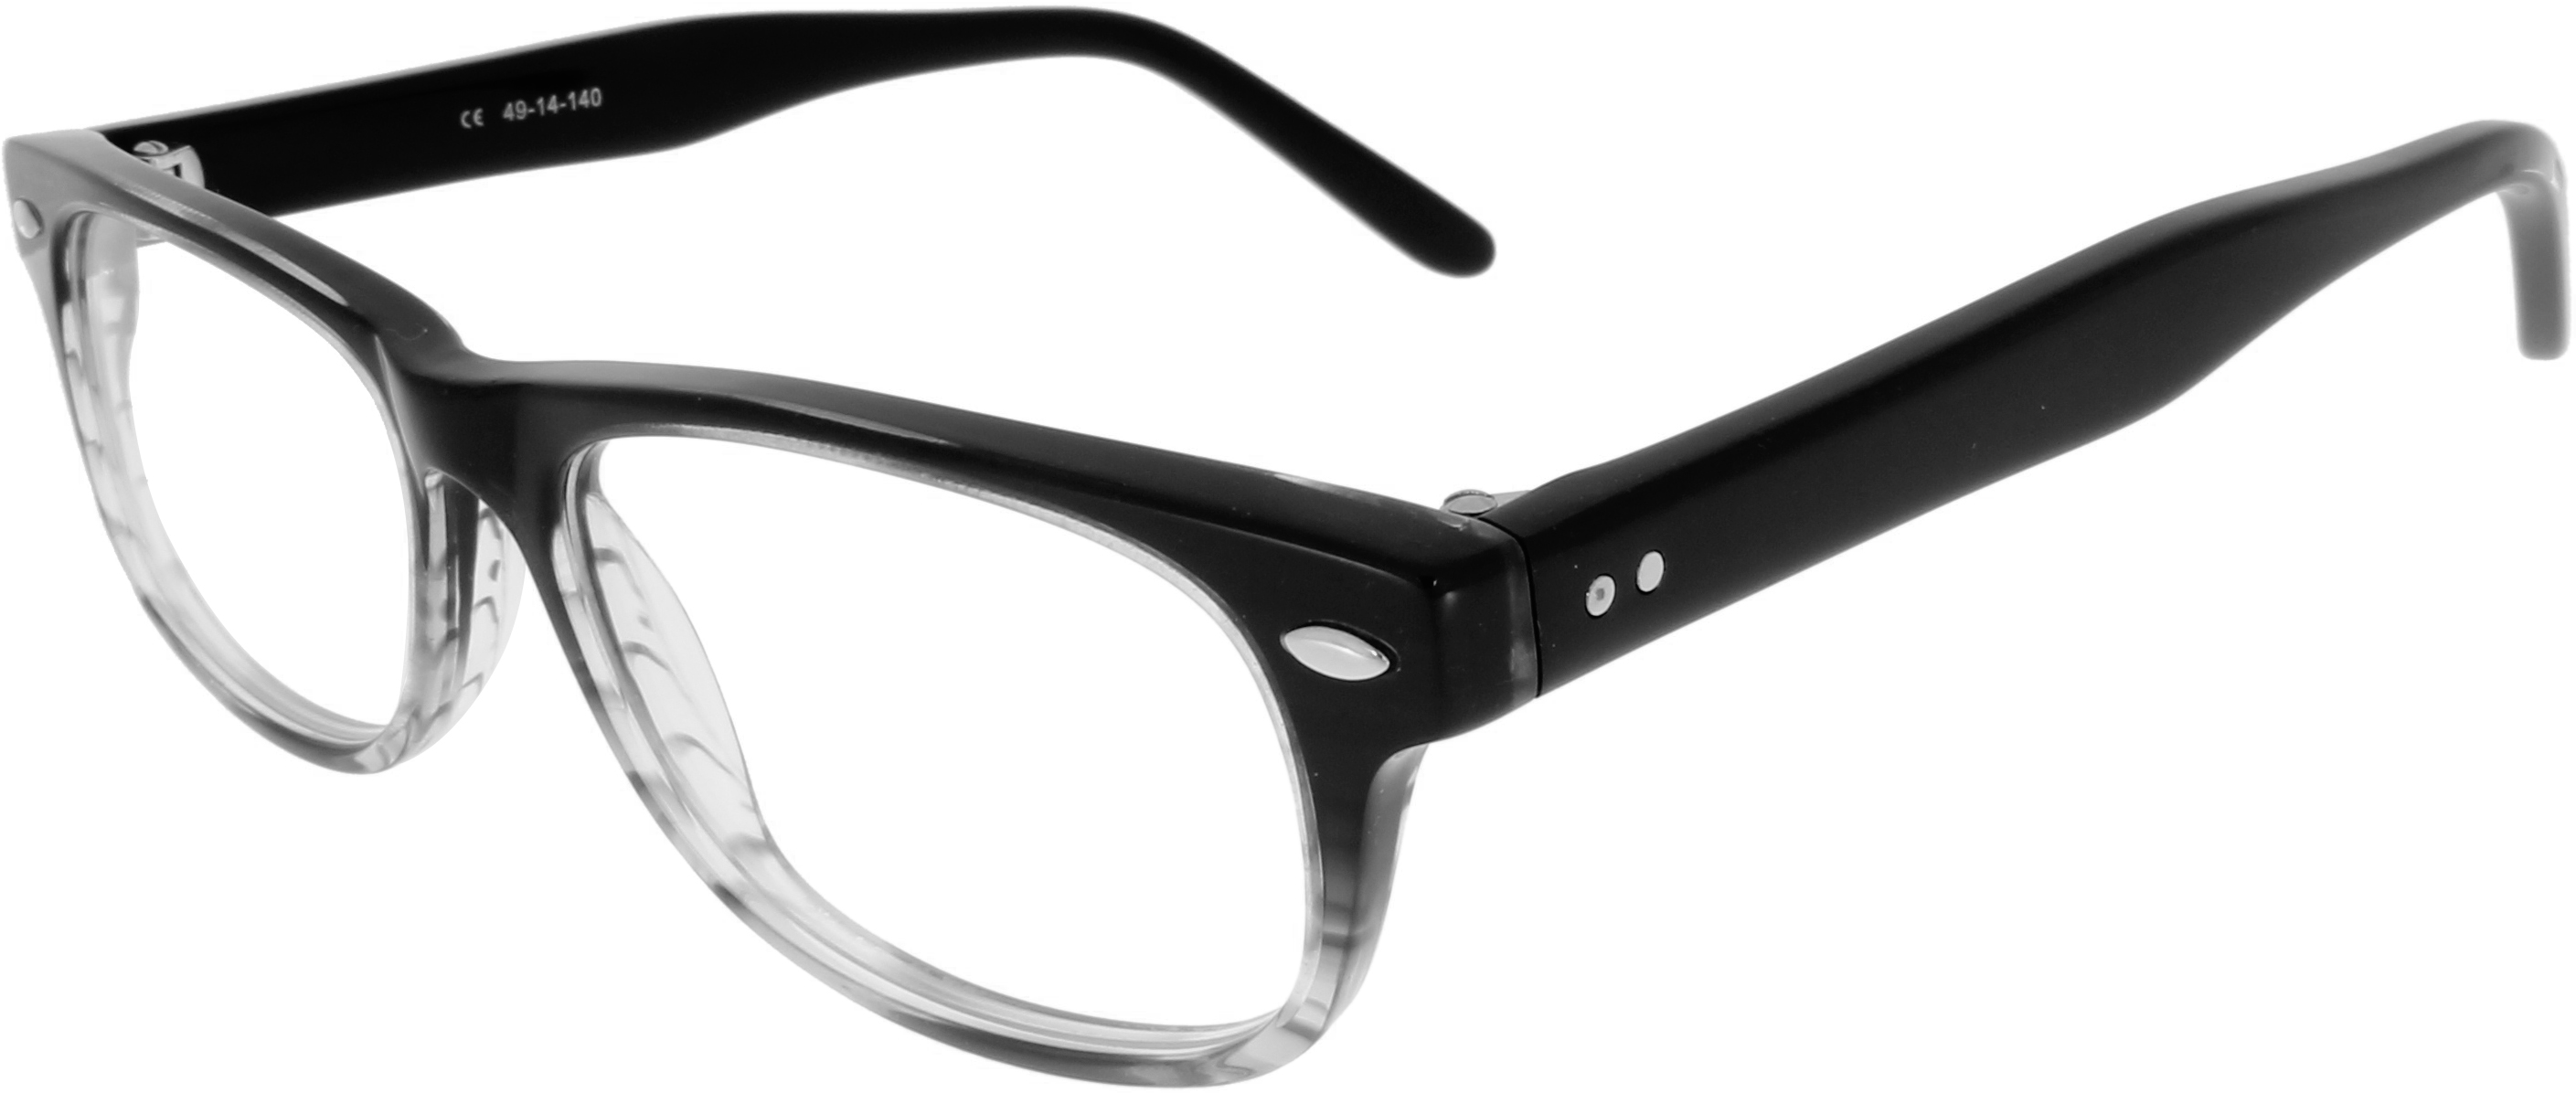 Two-Tone Brille mit Farbverlauf und Details